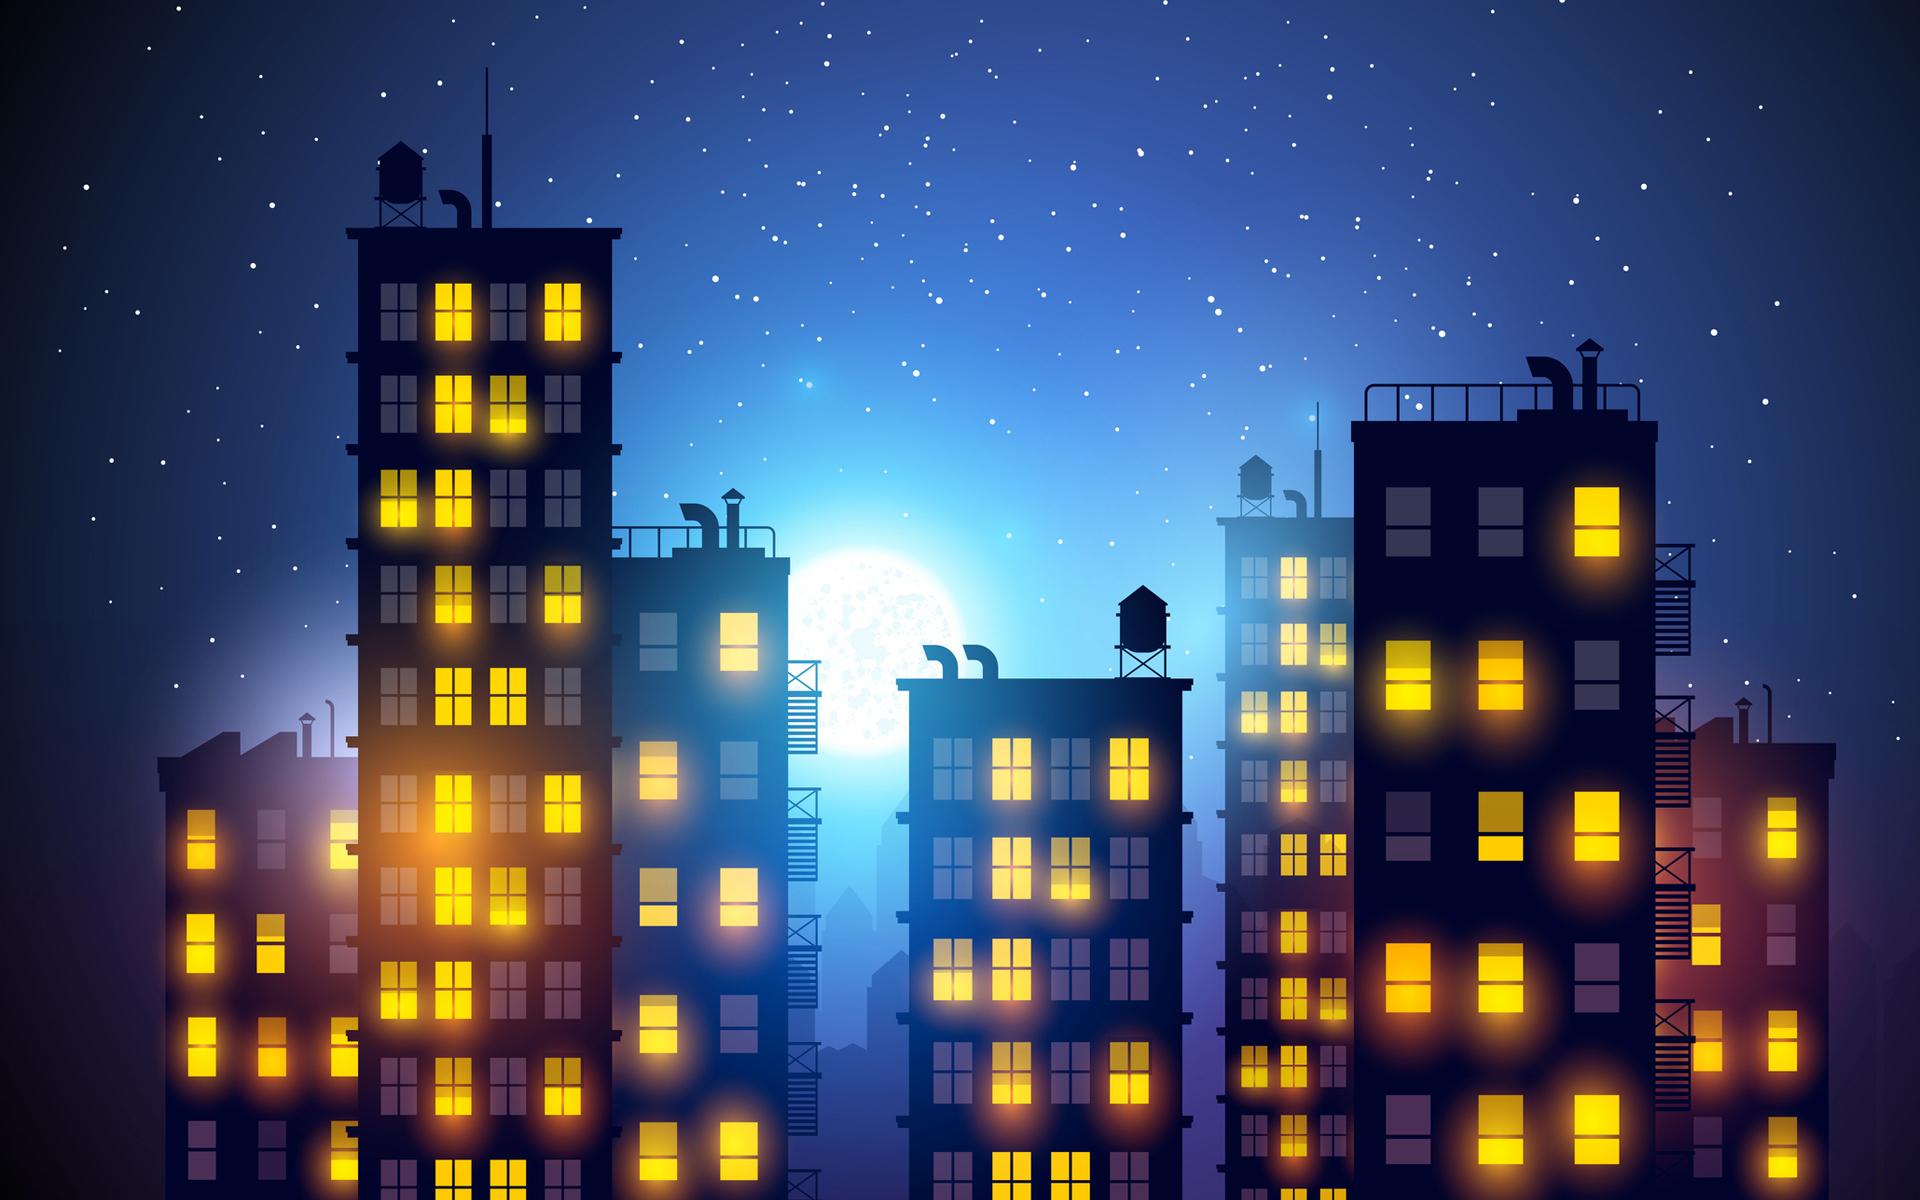 Город рисованный ночь